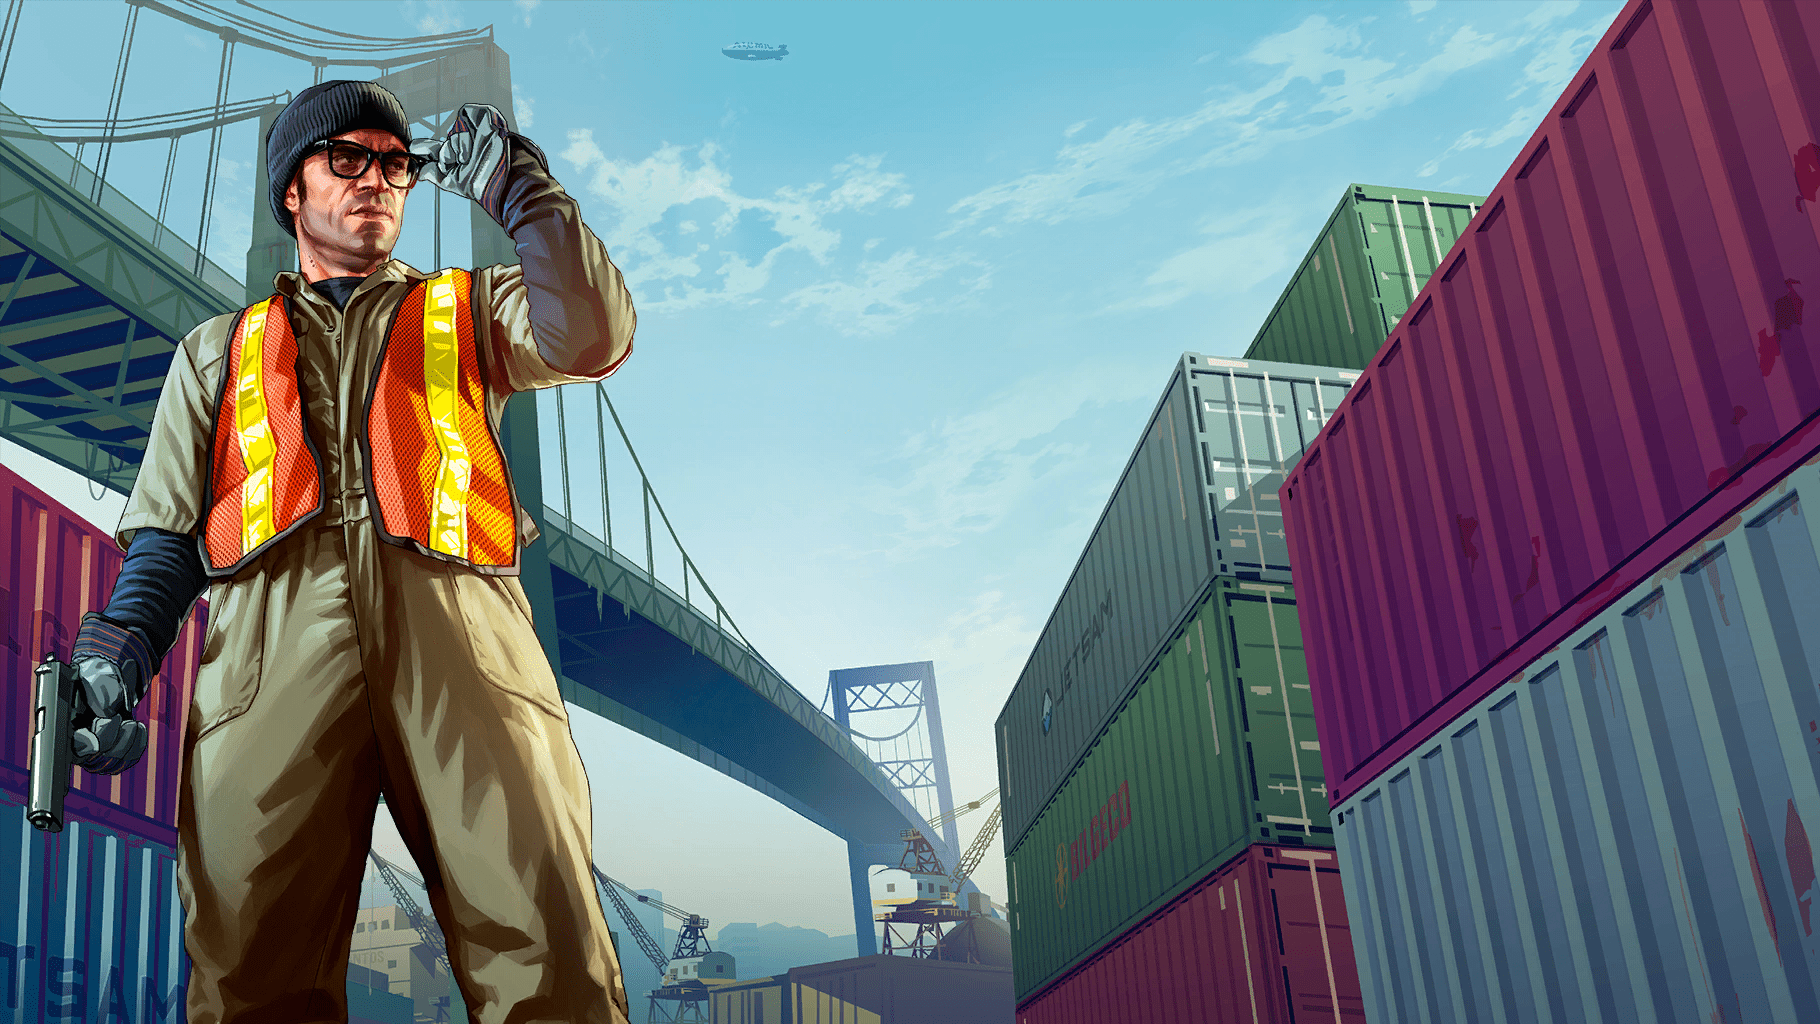 GTA V Artworks - Grand Theft Auto V Artworks & Wallpapers